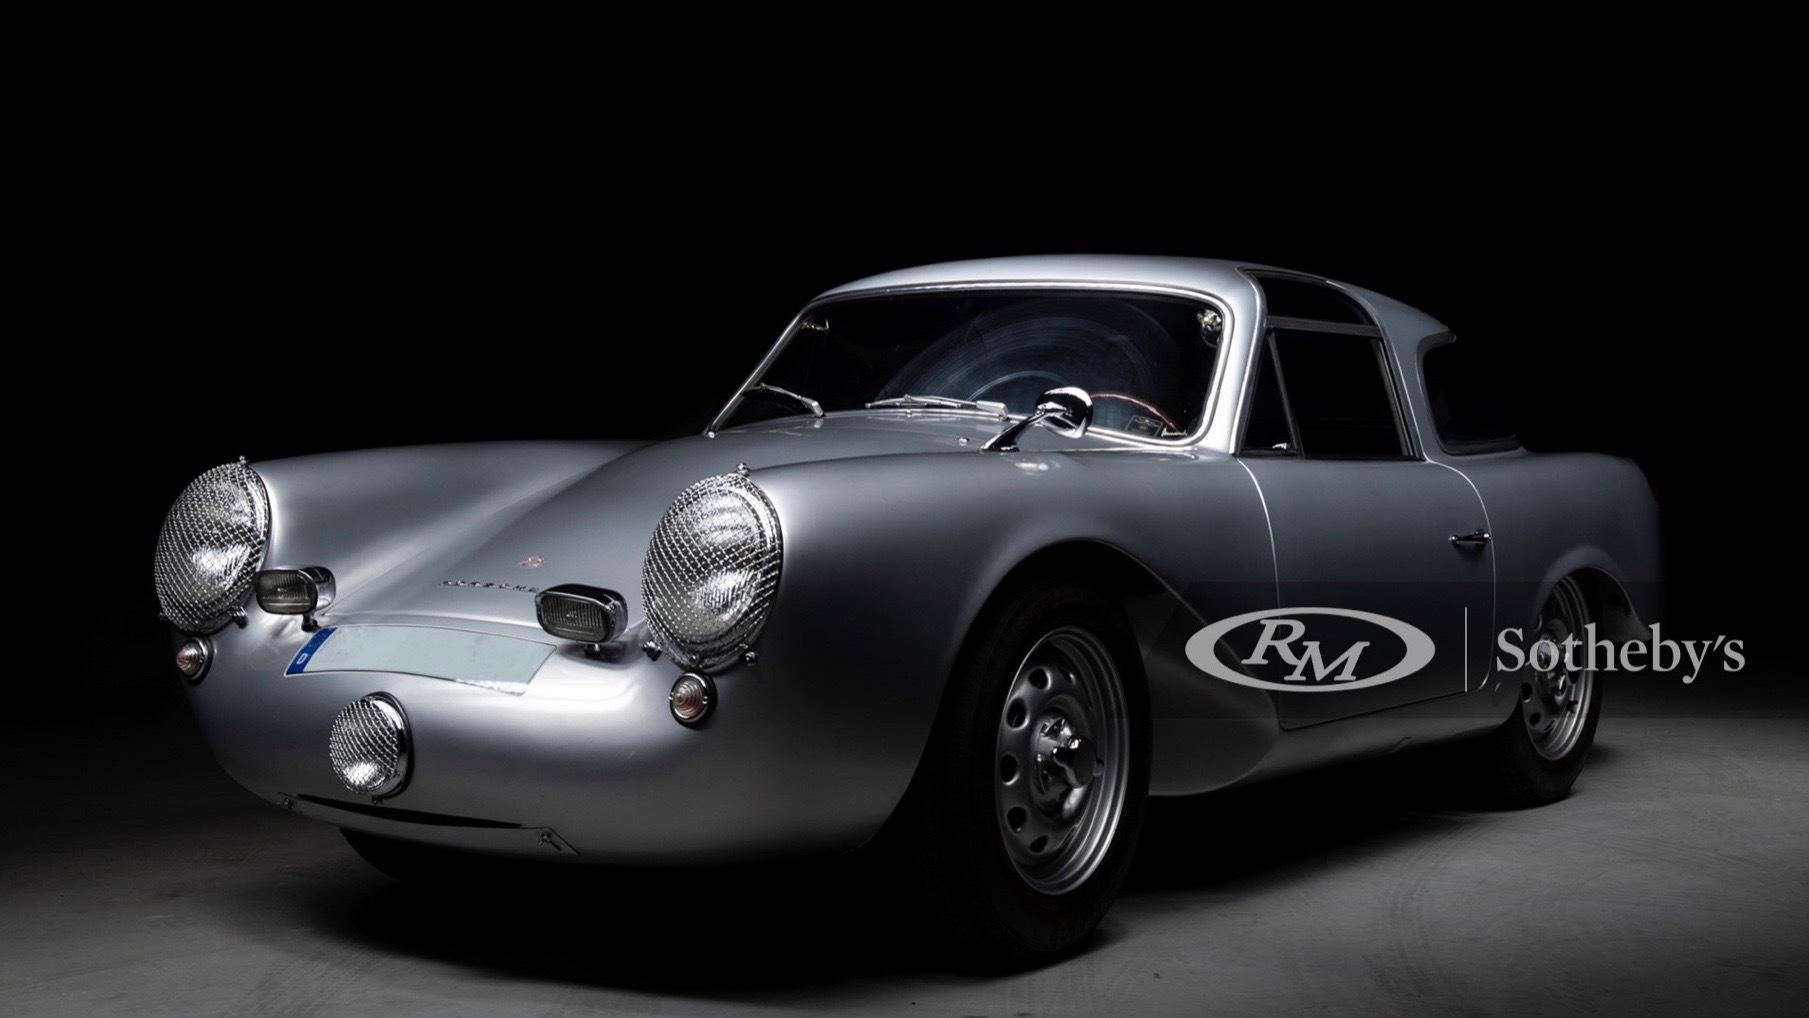 1954 Glöcker-Porsche 356 Carrera 1500 coupe (photo via RM Sotheby's)